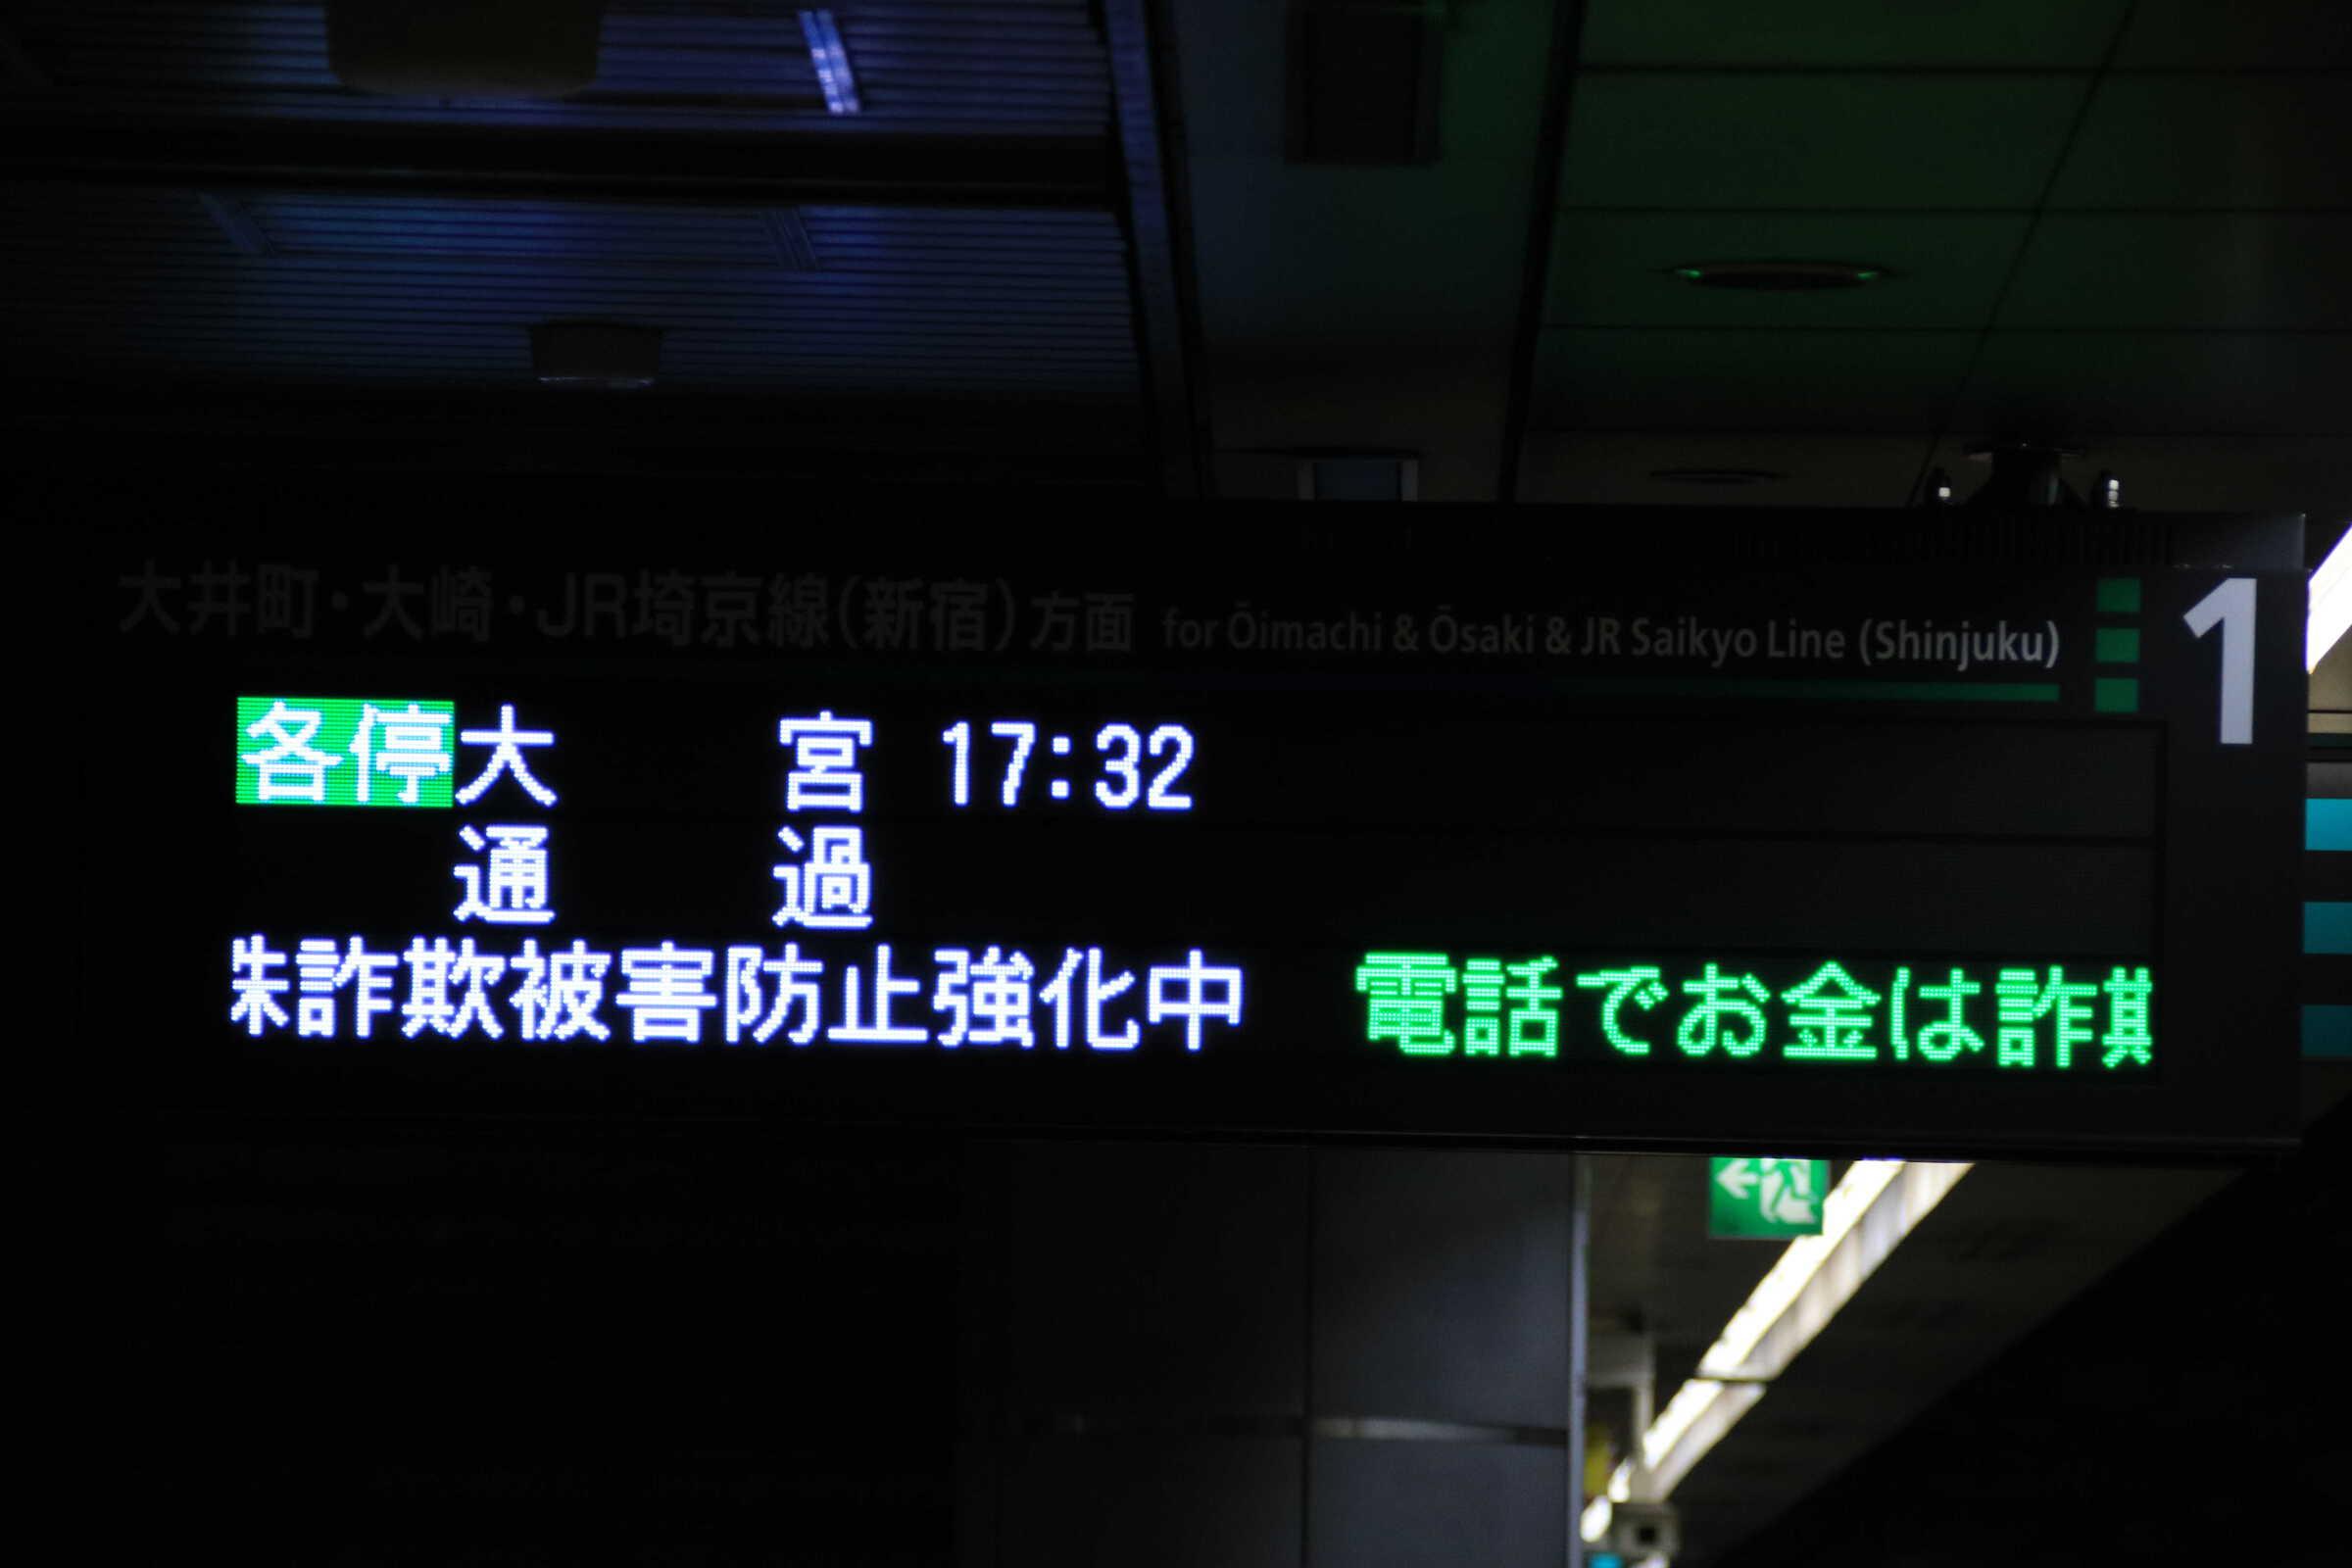 通過前の表示